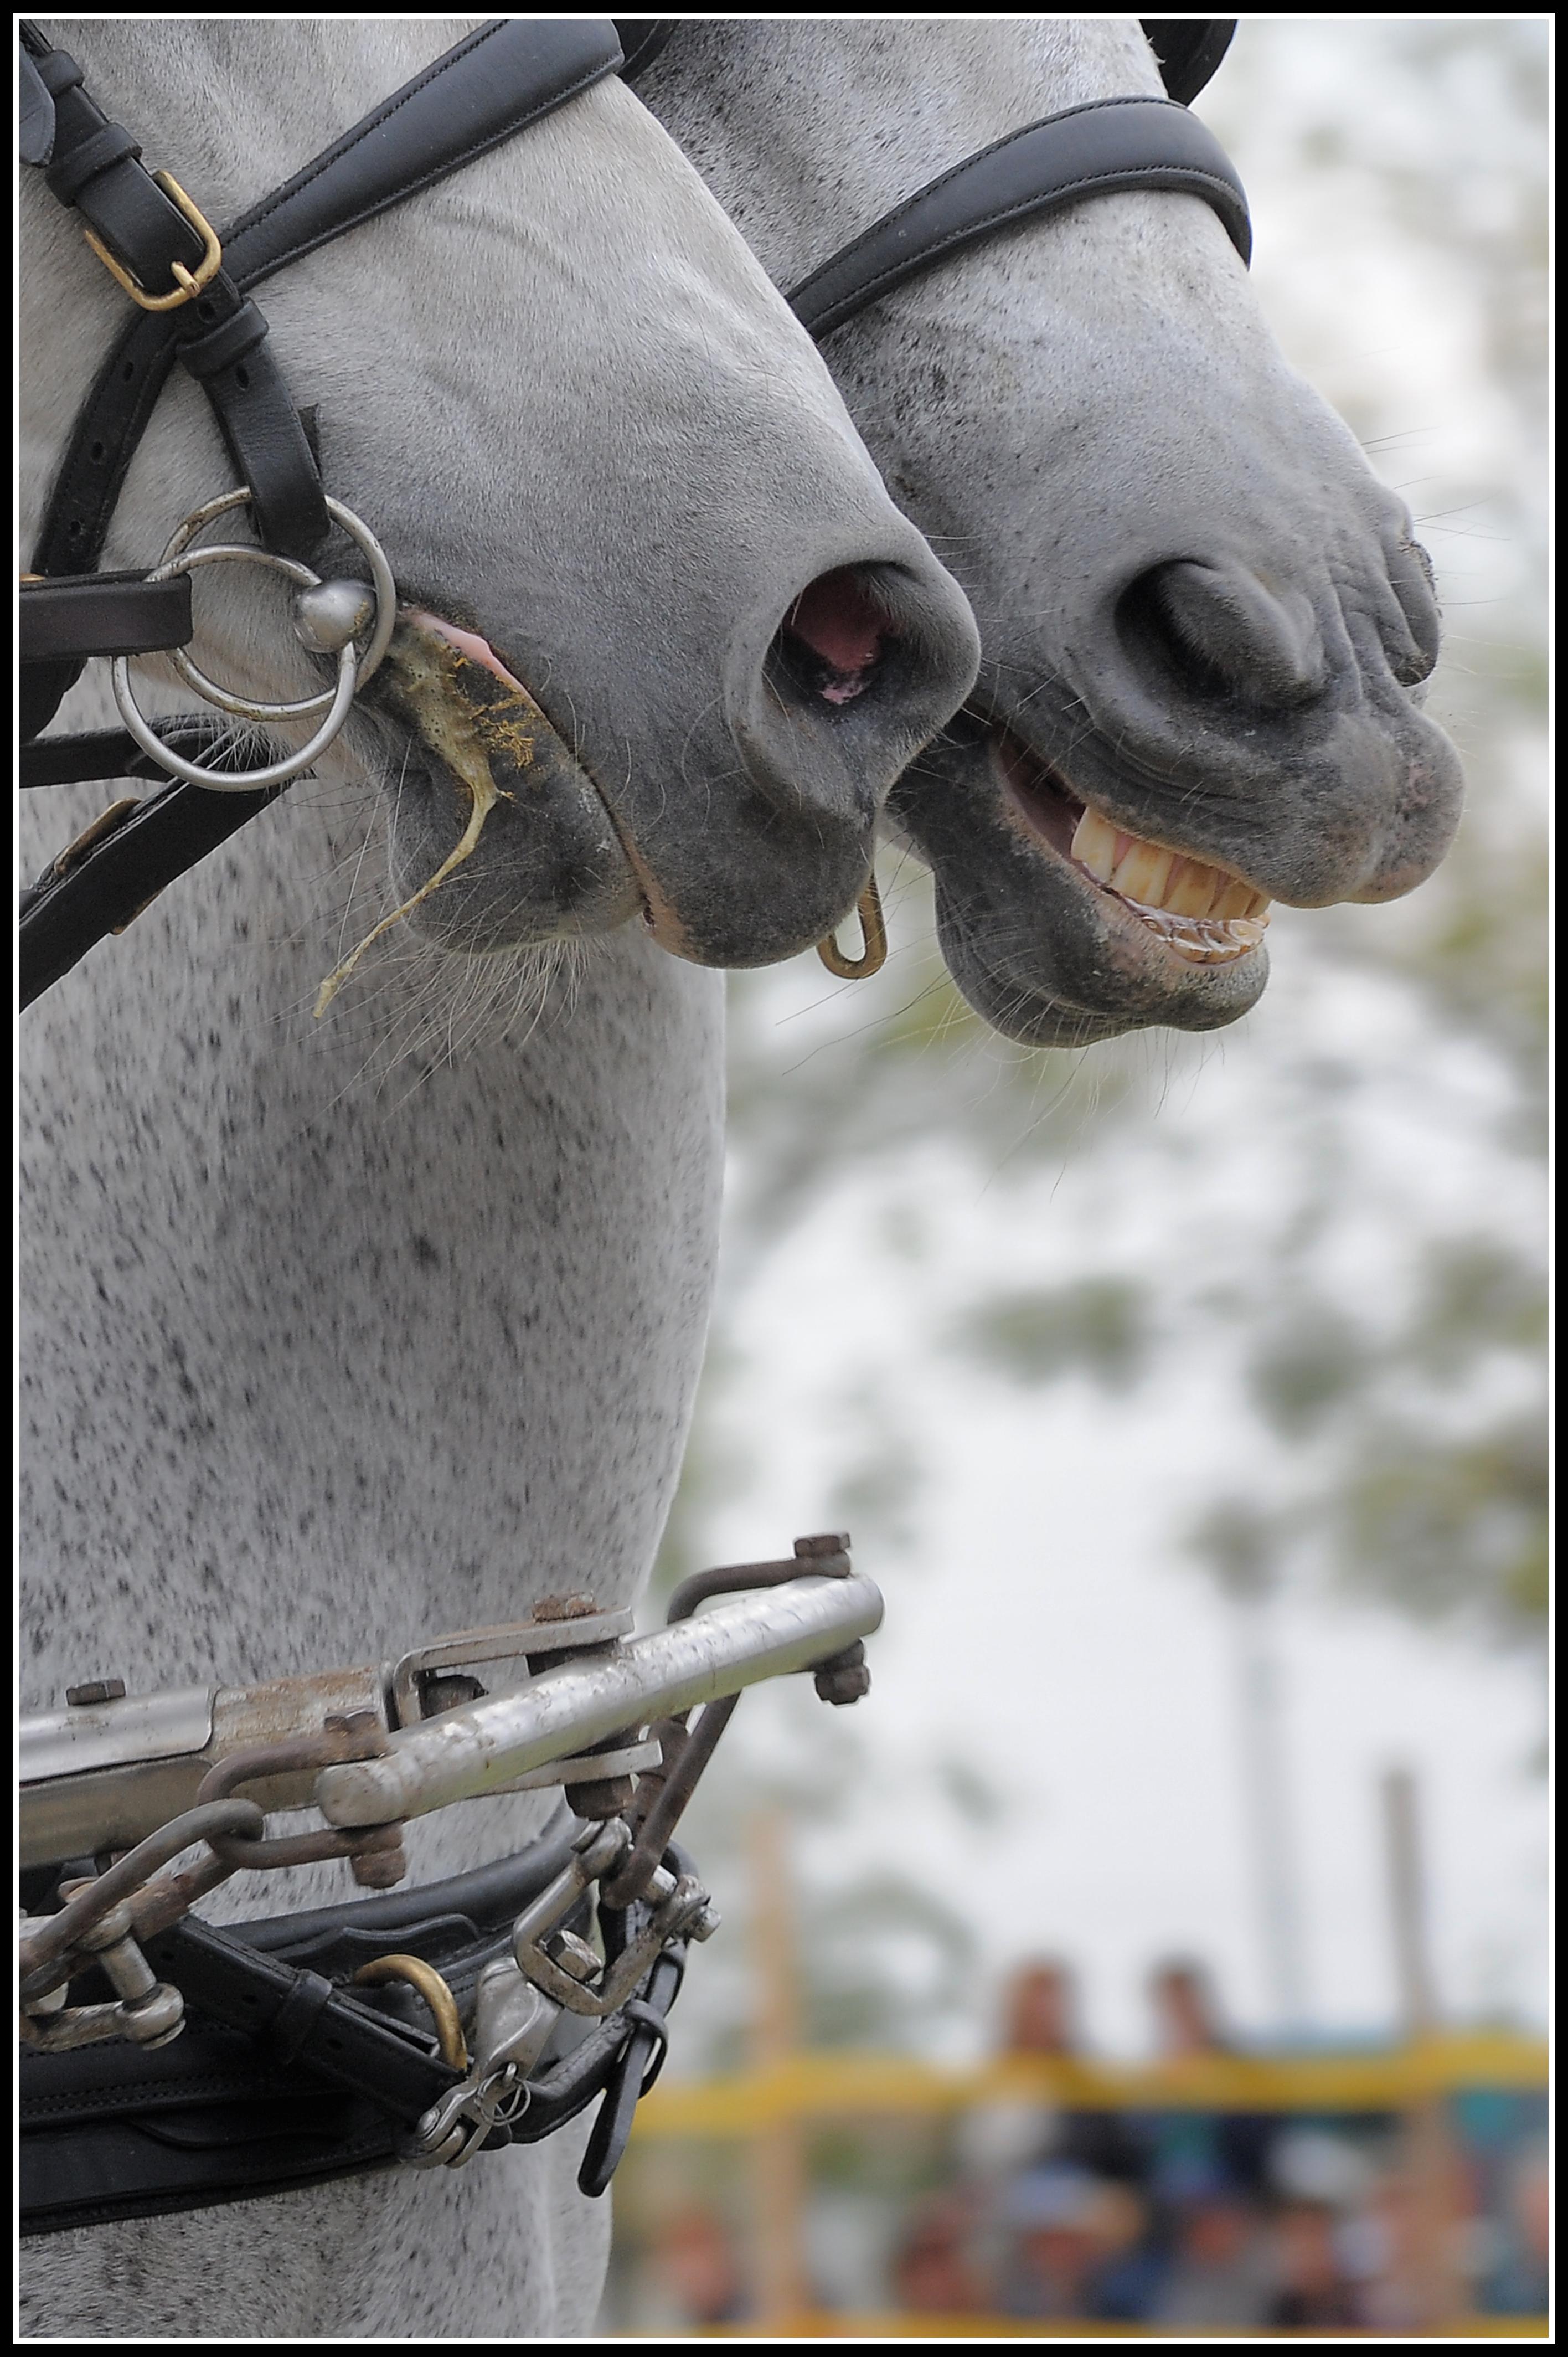 Szilágyi Nándor Equus című fotósorozata